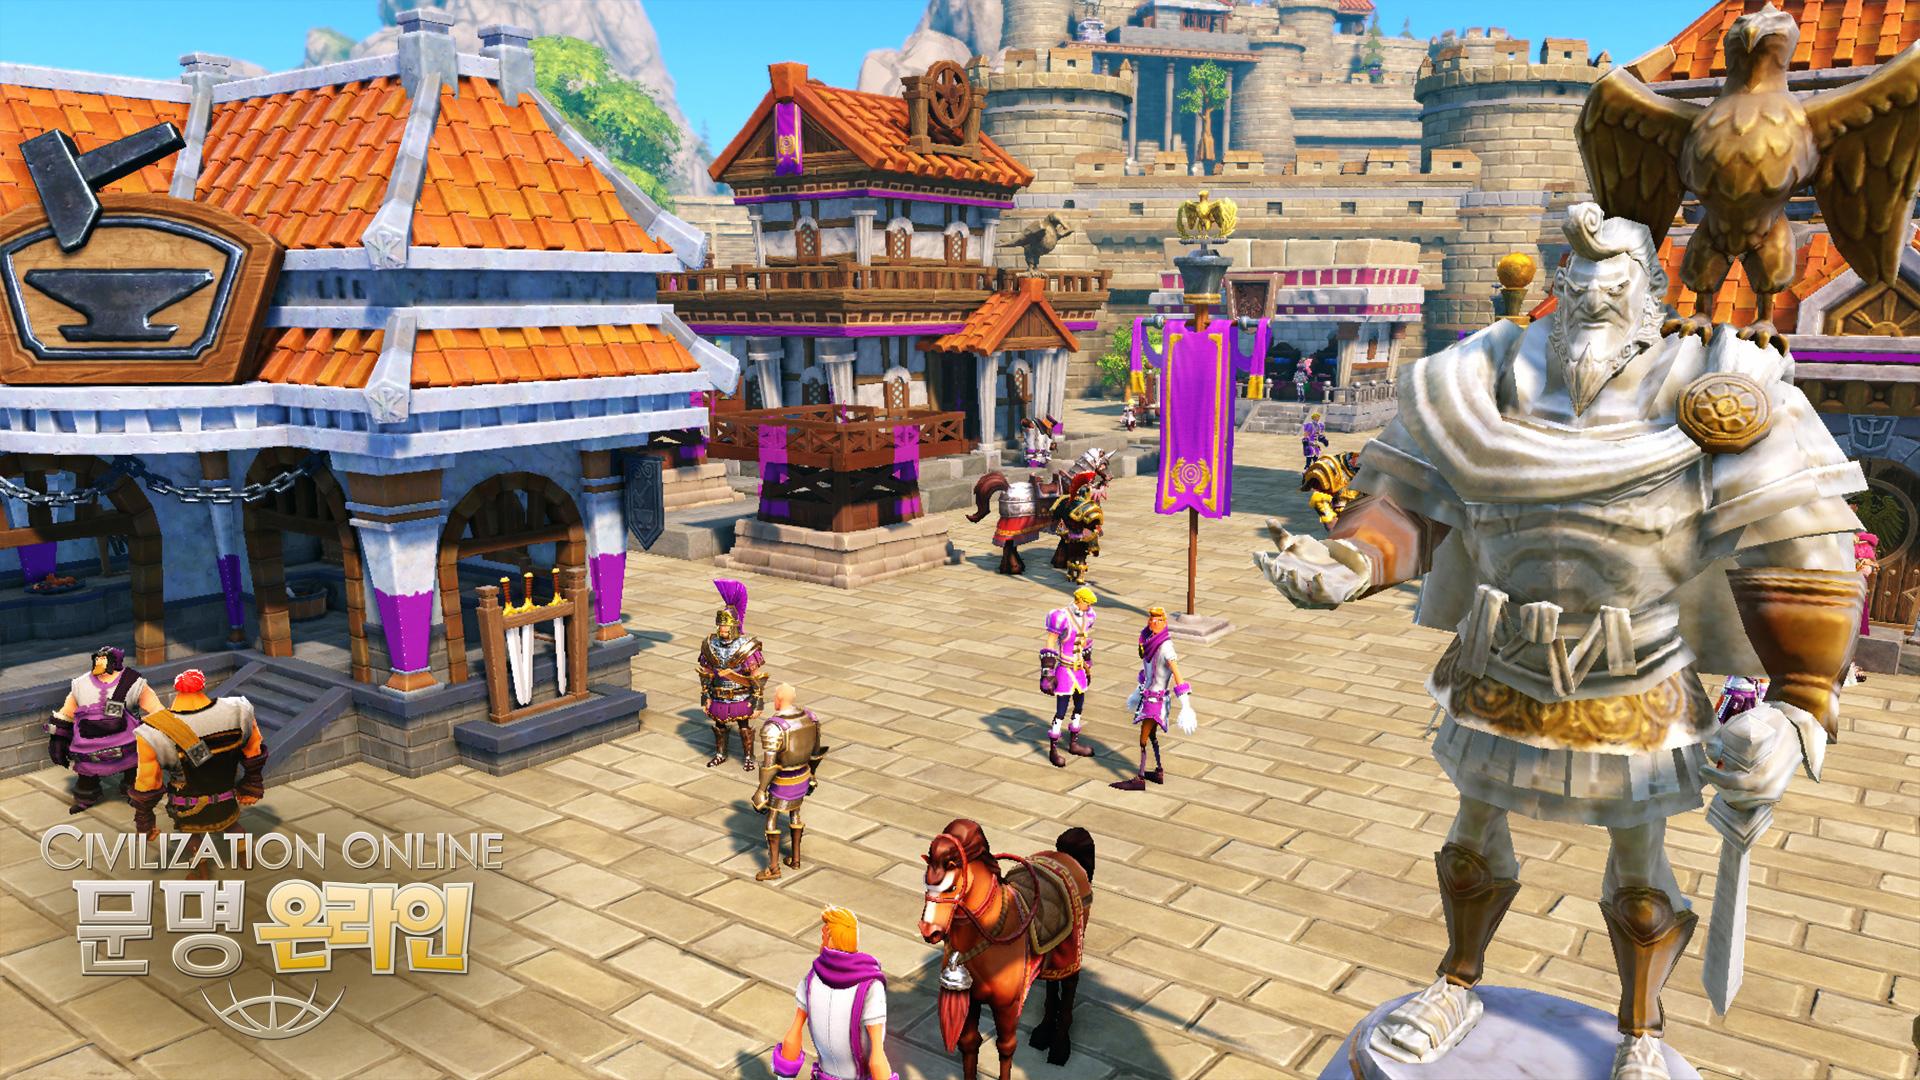 Cận cảnh Civilization Online trong giai đoạn CBT 1